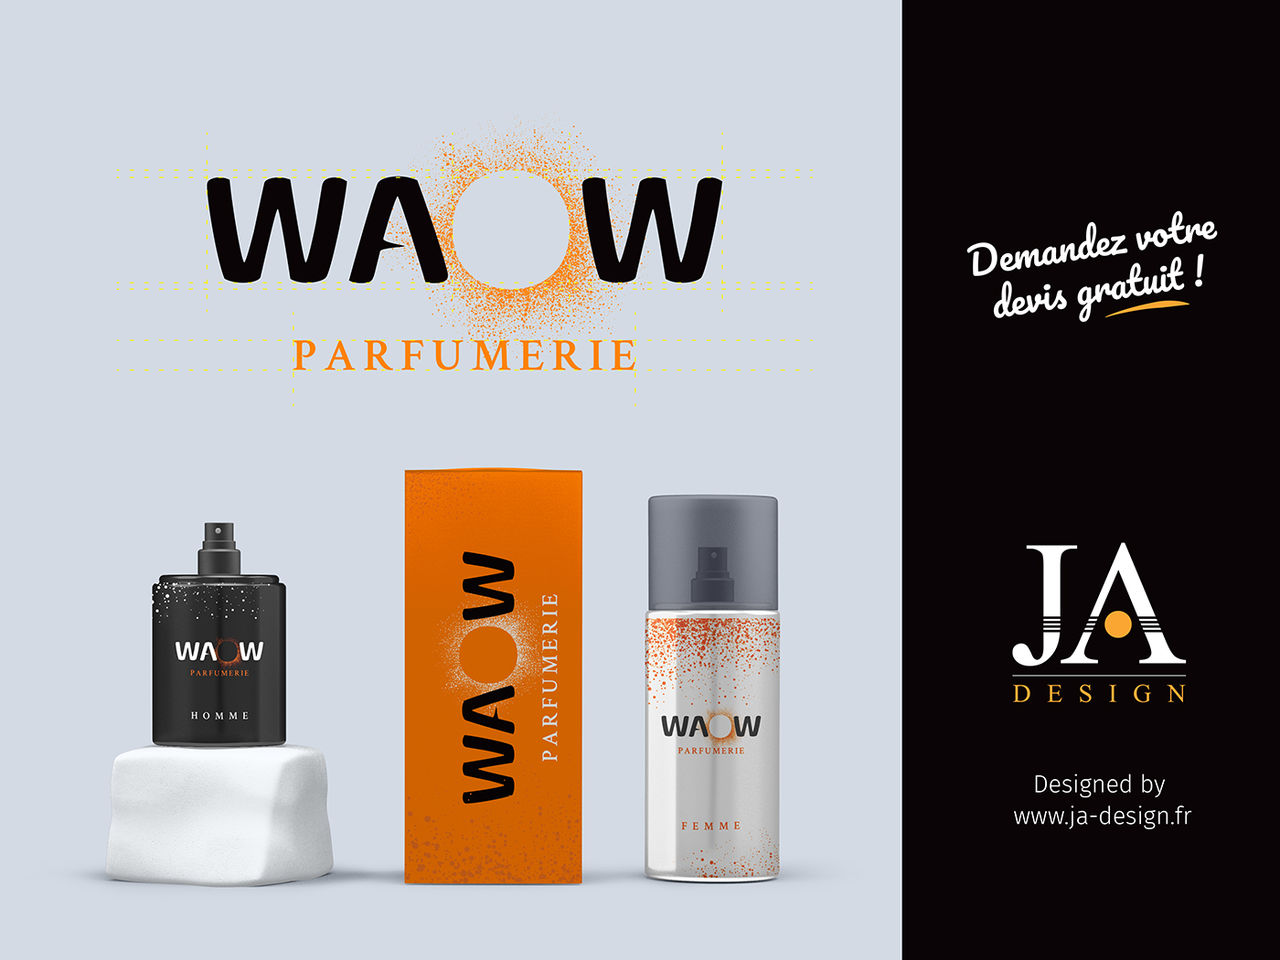 Création de la marque WAOW